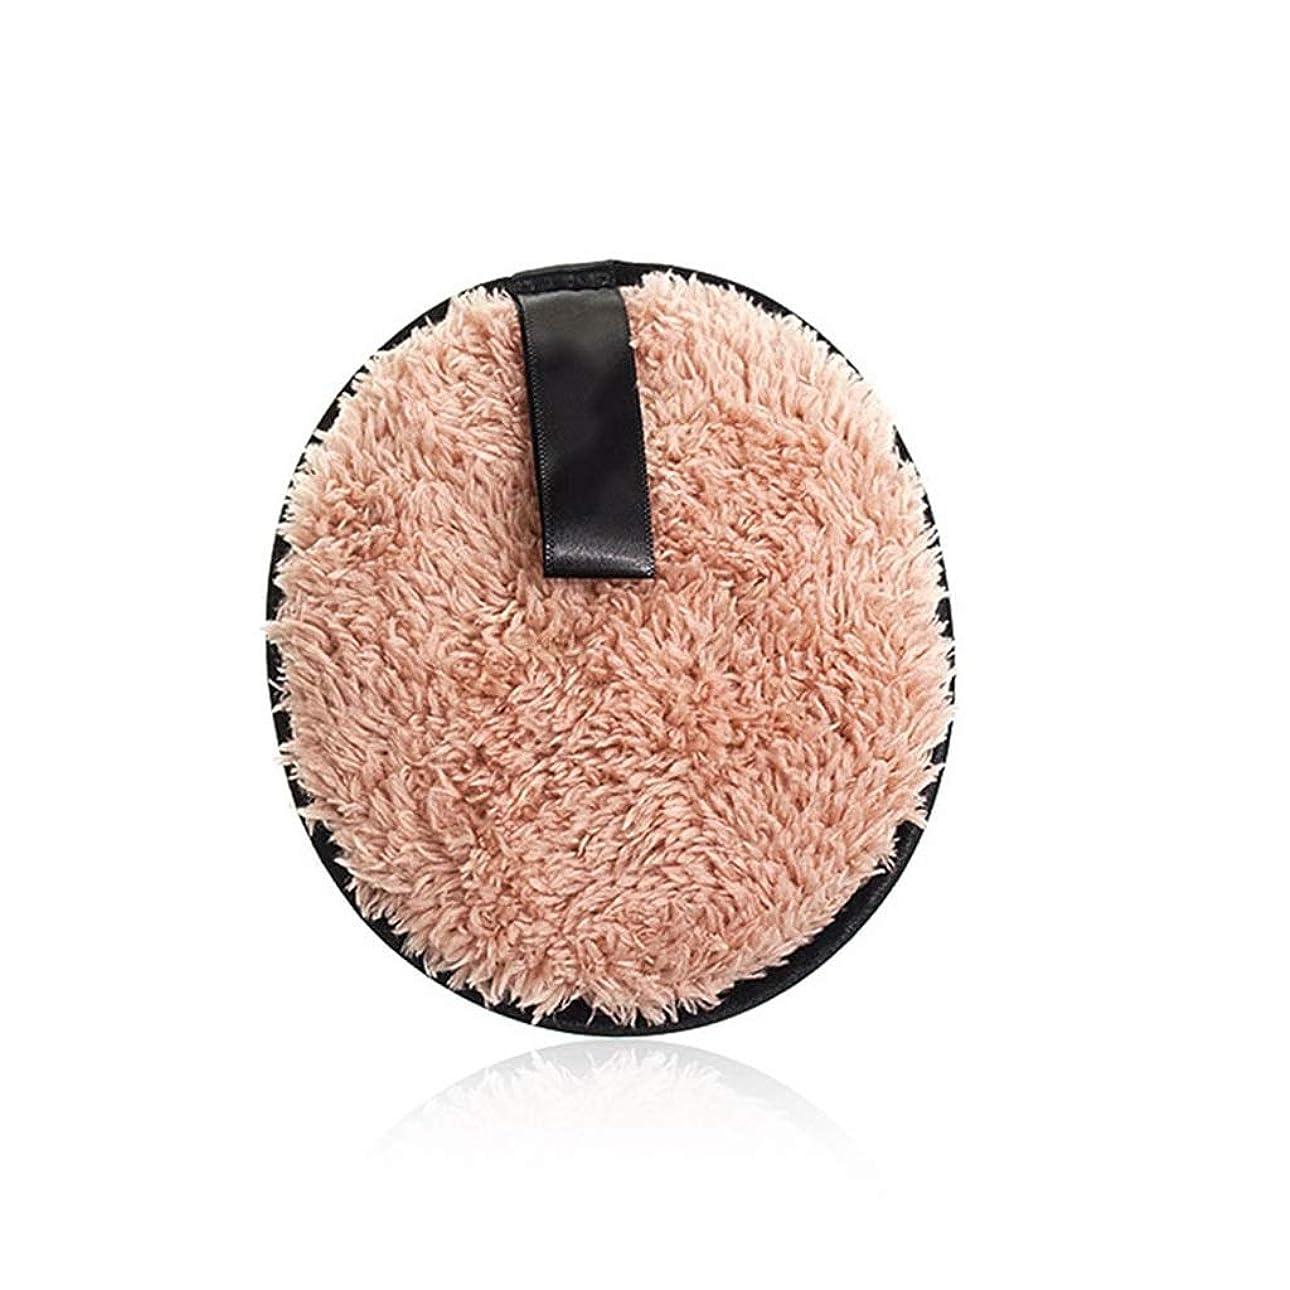 あえぎ疑い財産フェイスメイクアップリムーバーソフトスポンジコットンメイクアップリムーバークロスパウダーパフ洗顔ワイプ再利用可能な洗えるパッド (Color : Light brown, サイズ : 4.7*4.7*0.7inch)